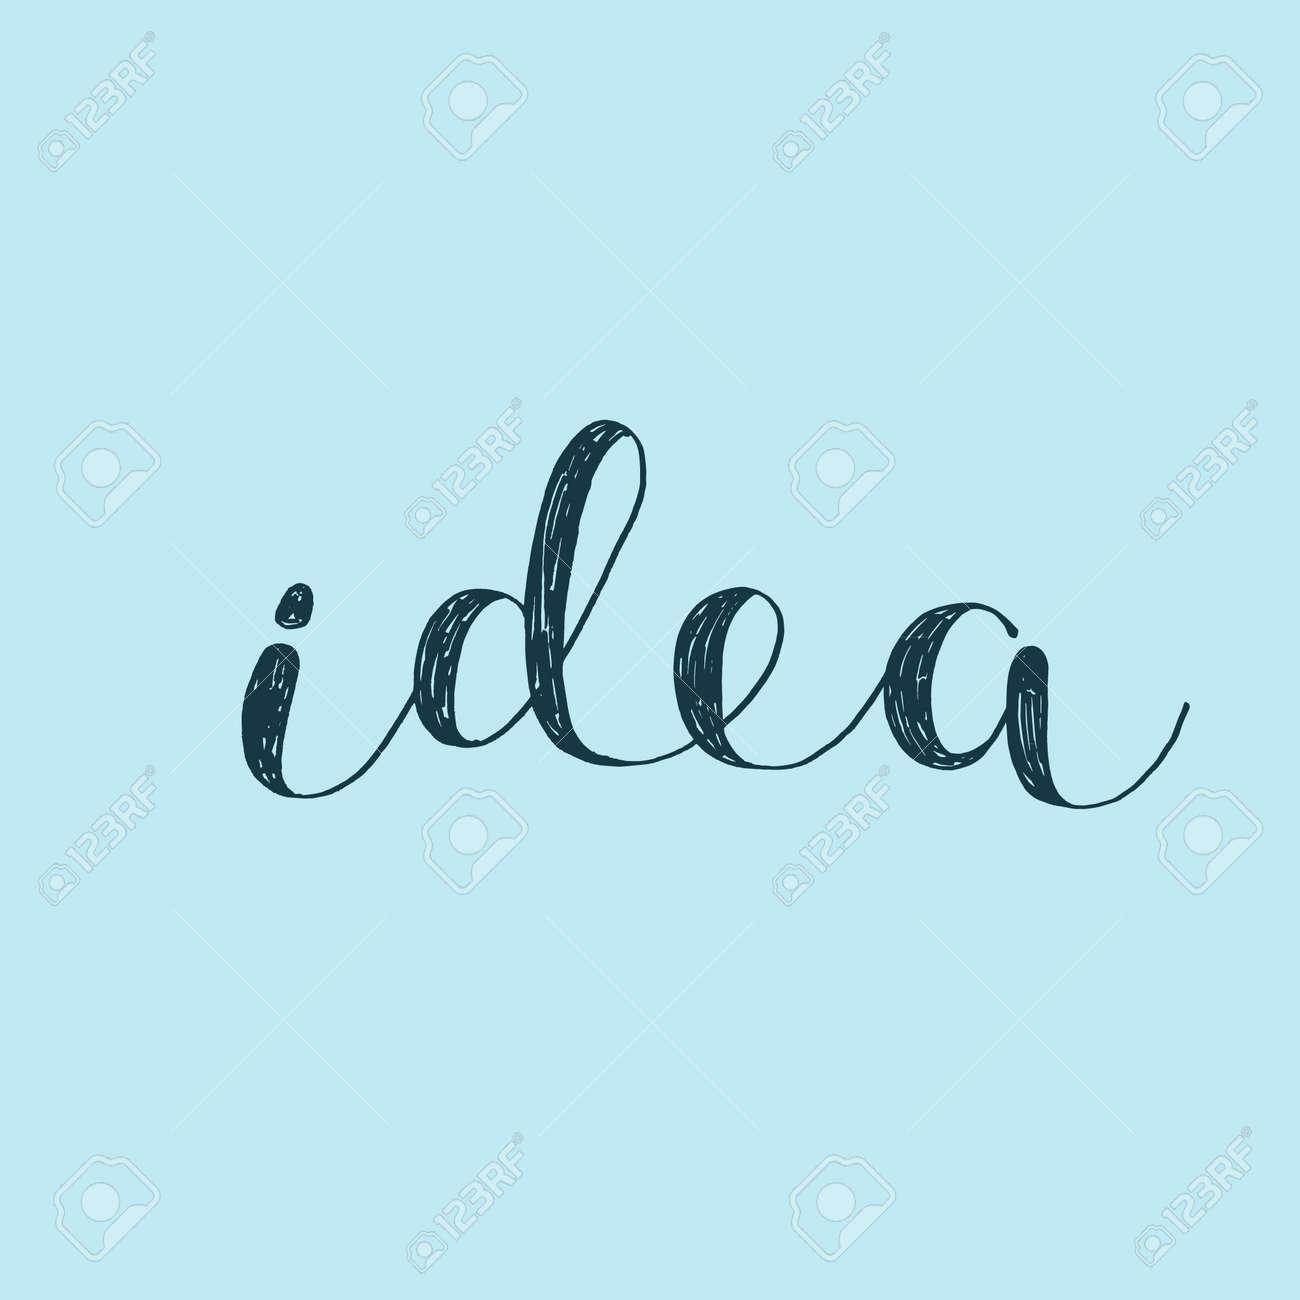 bcb8826770eb0 アイデア。ベクトル図をレタリング ブラシ手。引用を鼓舞します。現代 ...